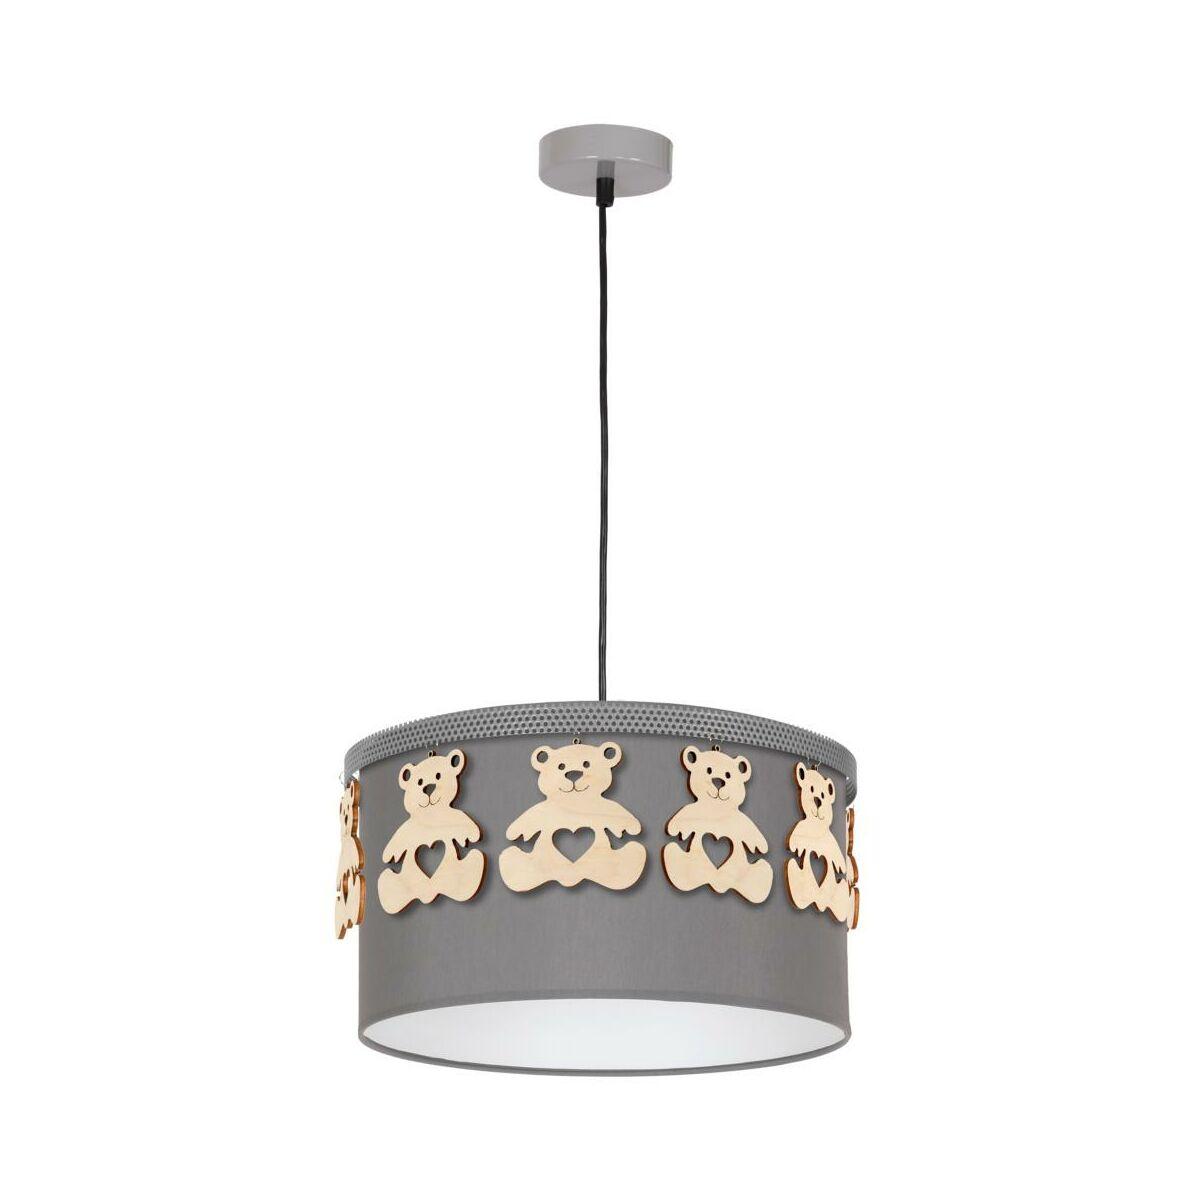 Lampa Wiszaca Mis Szara Z Drewnem E27 Eko Light Zyrandole Lampy Wiszace I Sufitowe W Atrakcyjnej Cenie W Sklepach Leroy Merlin